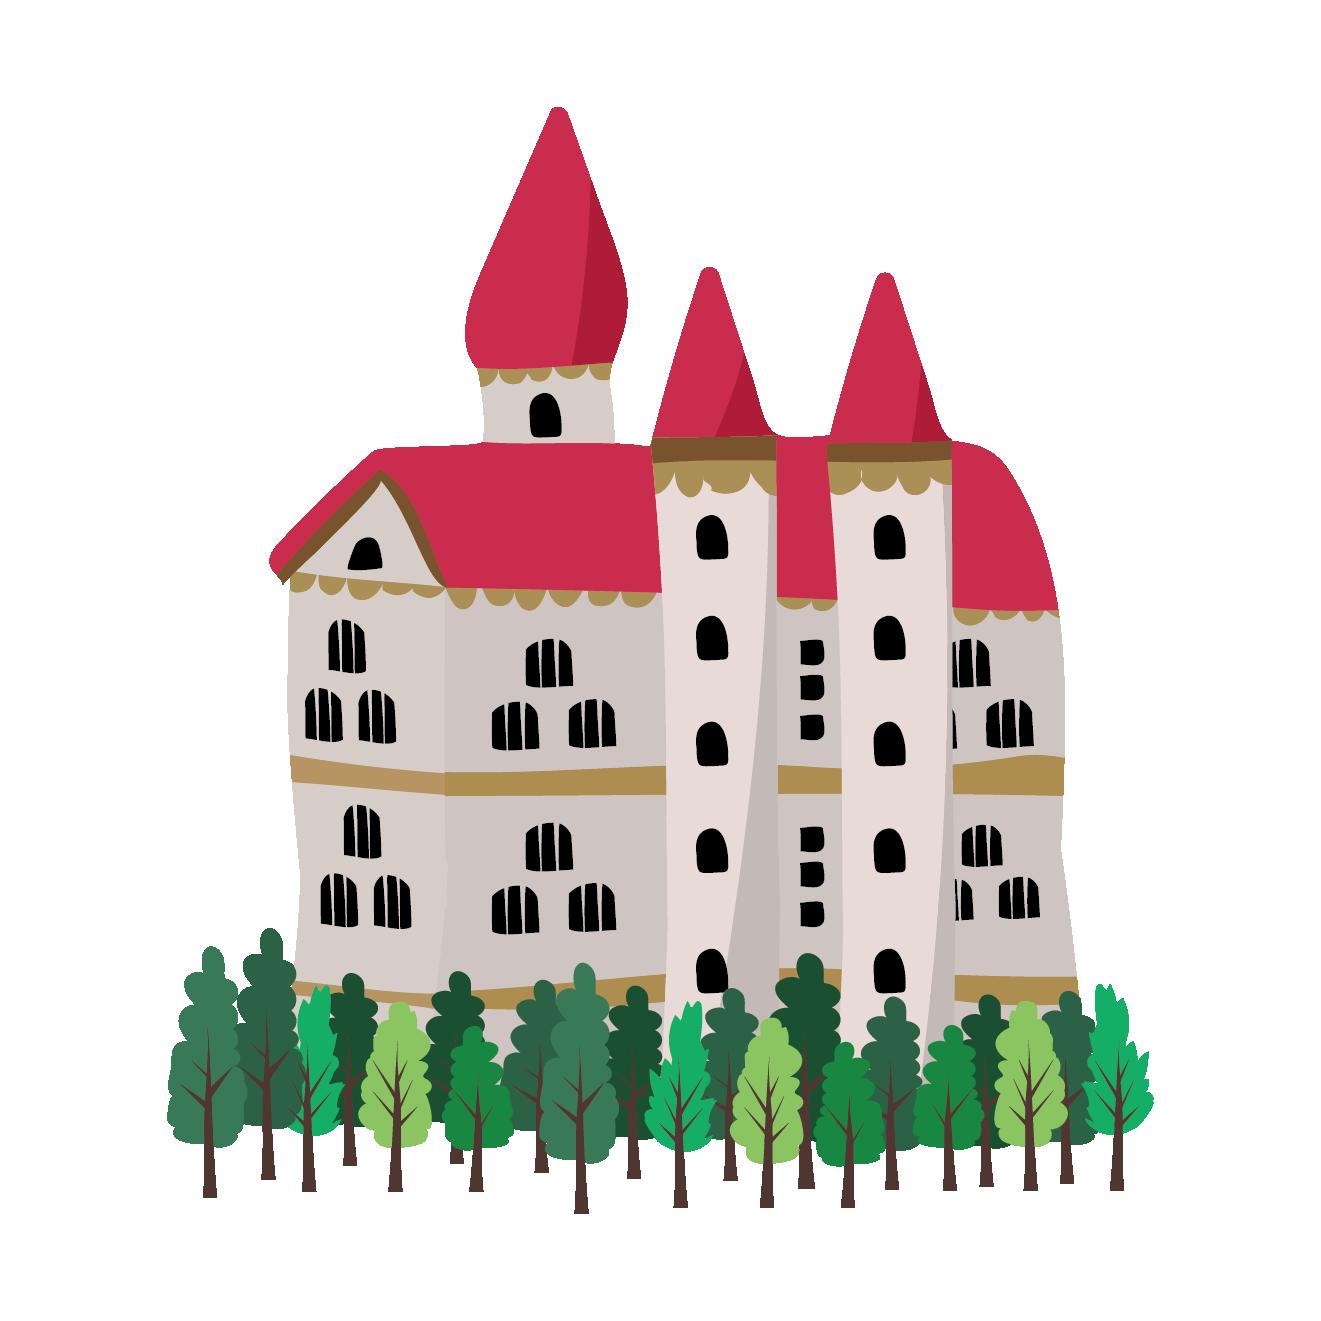 お城 イラスト 西洋ヨーロッパ風 商用フリー無料のイラスト素材